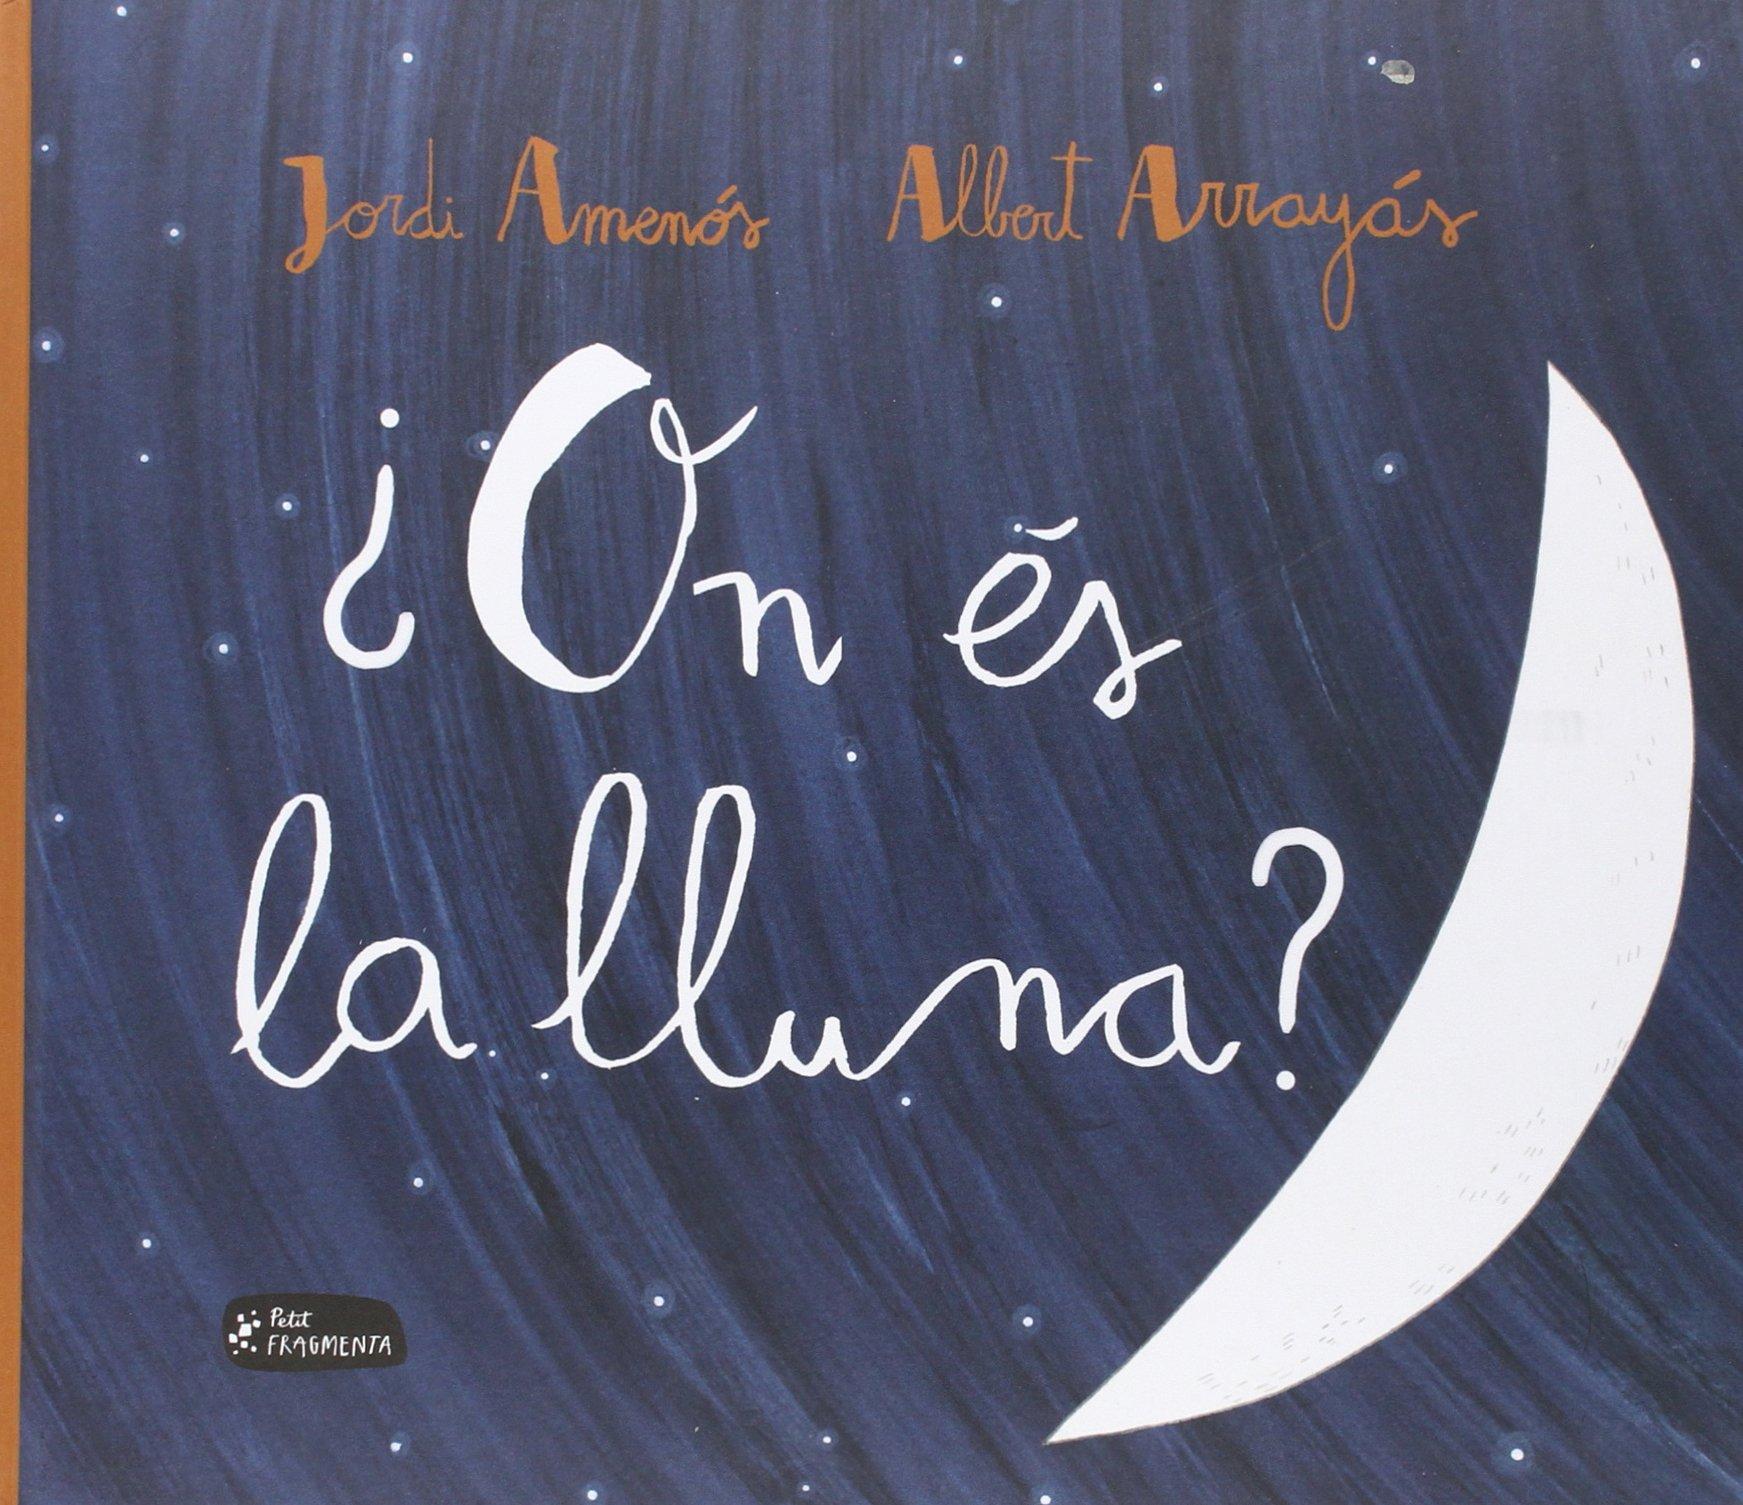 ¿On és la lluna? (Petit Fragmenta)